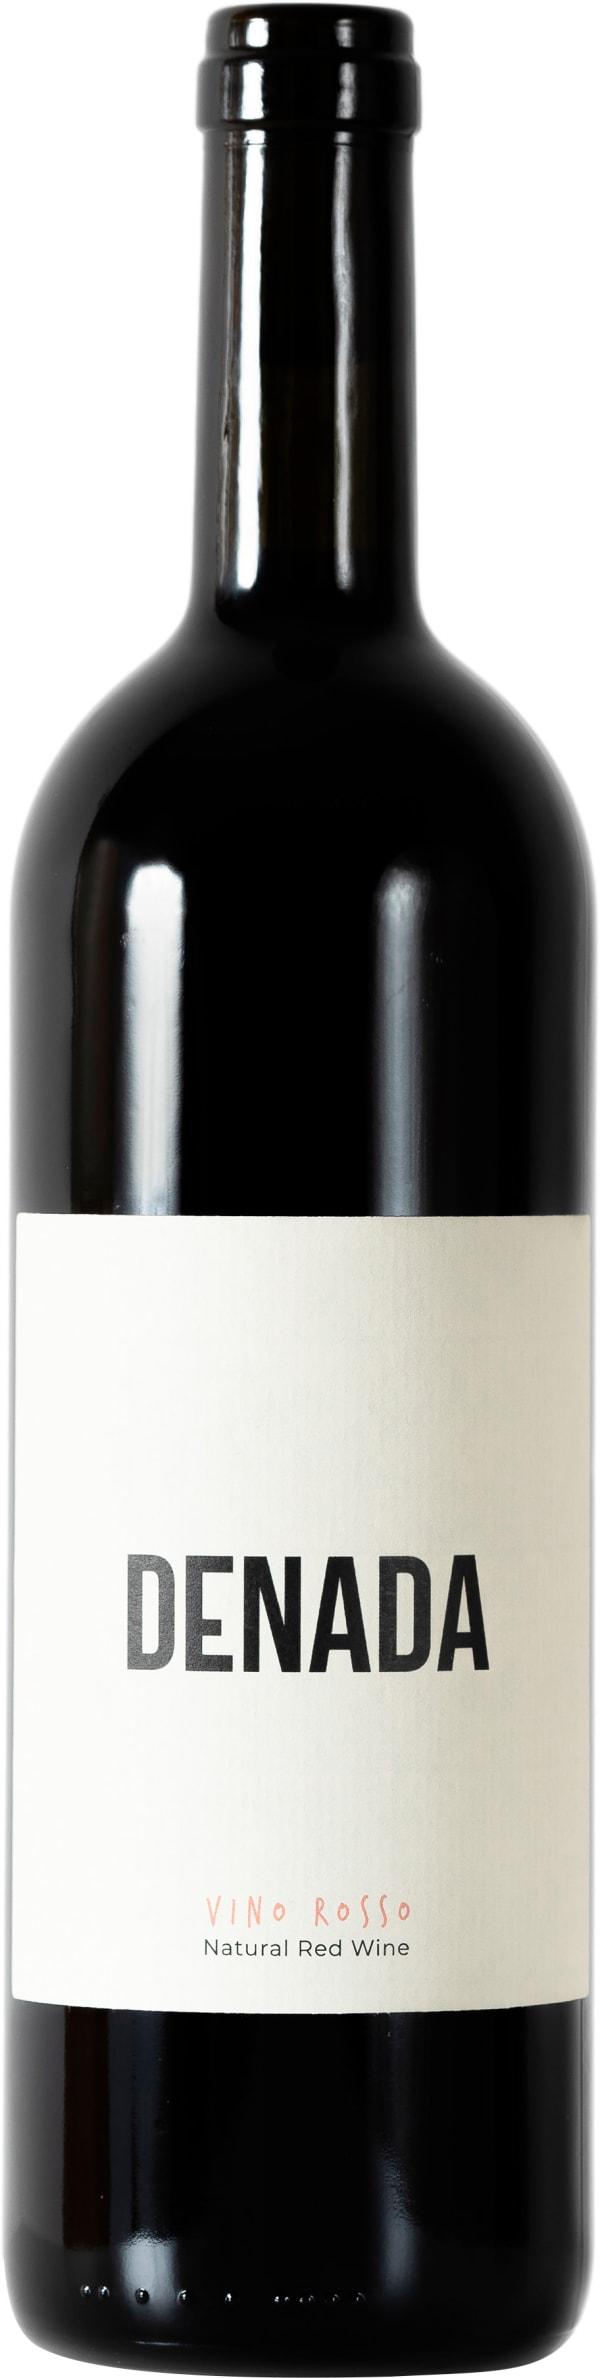 Denada Natural Red Wine 2018